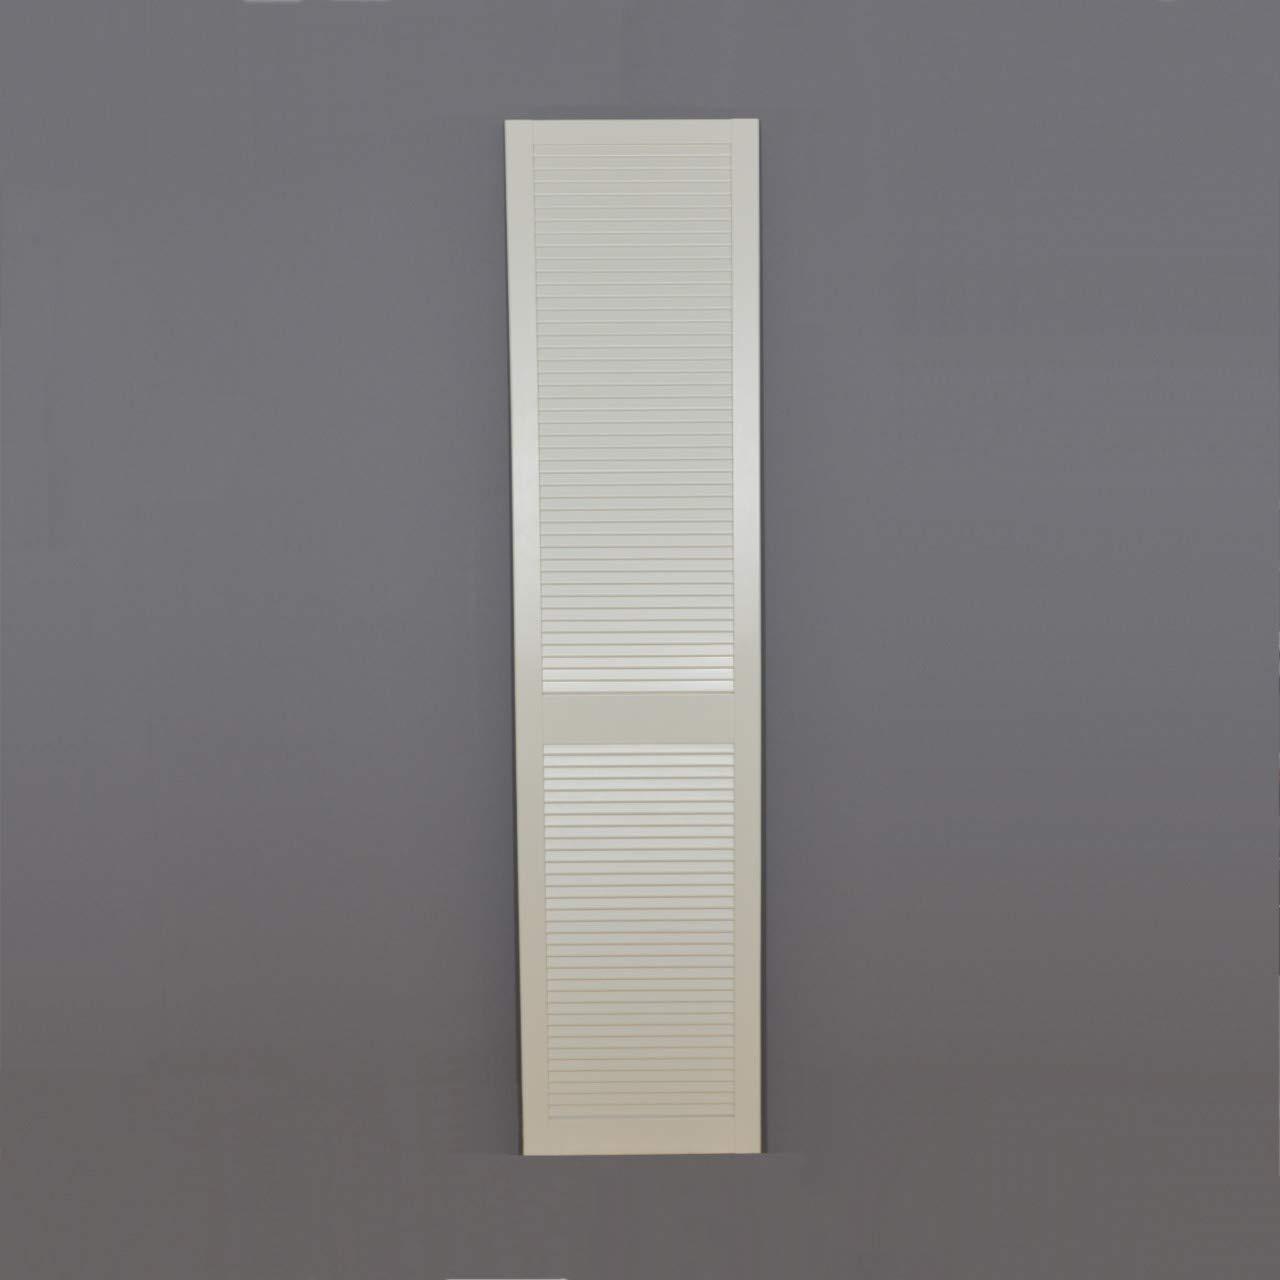 Lamellent/ür Kiefer weiss lackiert mit geschlossenen Lamellen 60,1 cm x 39,4 cm in 21 mm St/ärke Lichtdicht wei/ße Lamellent/üren als Schrankt/ür M/öbelt/ür oder Regalt/ür Staubdicht